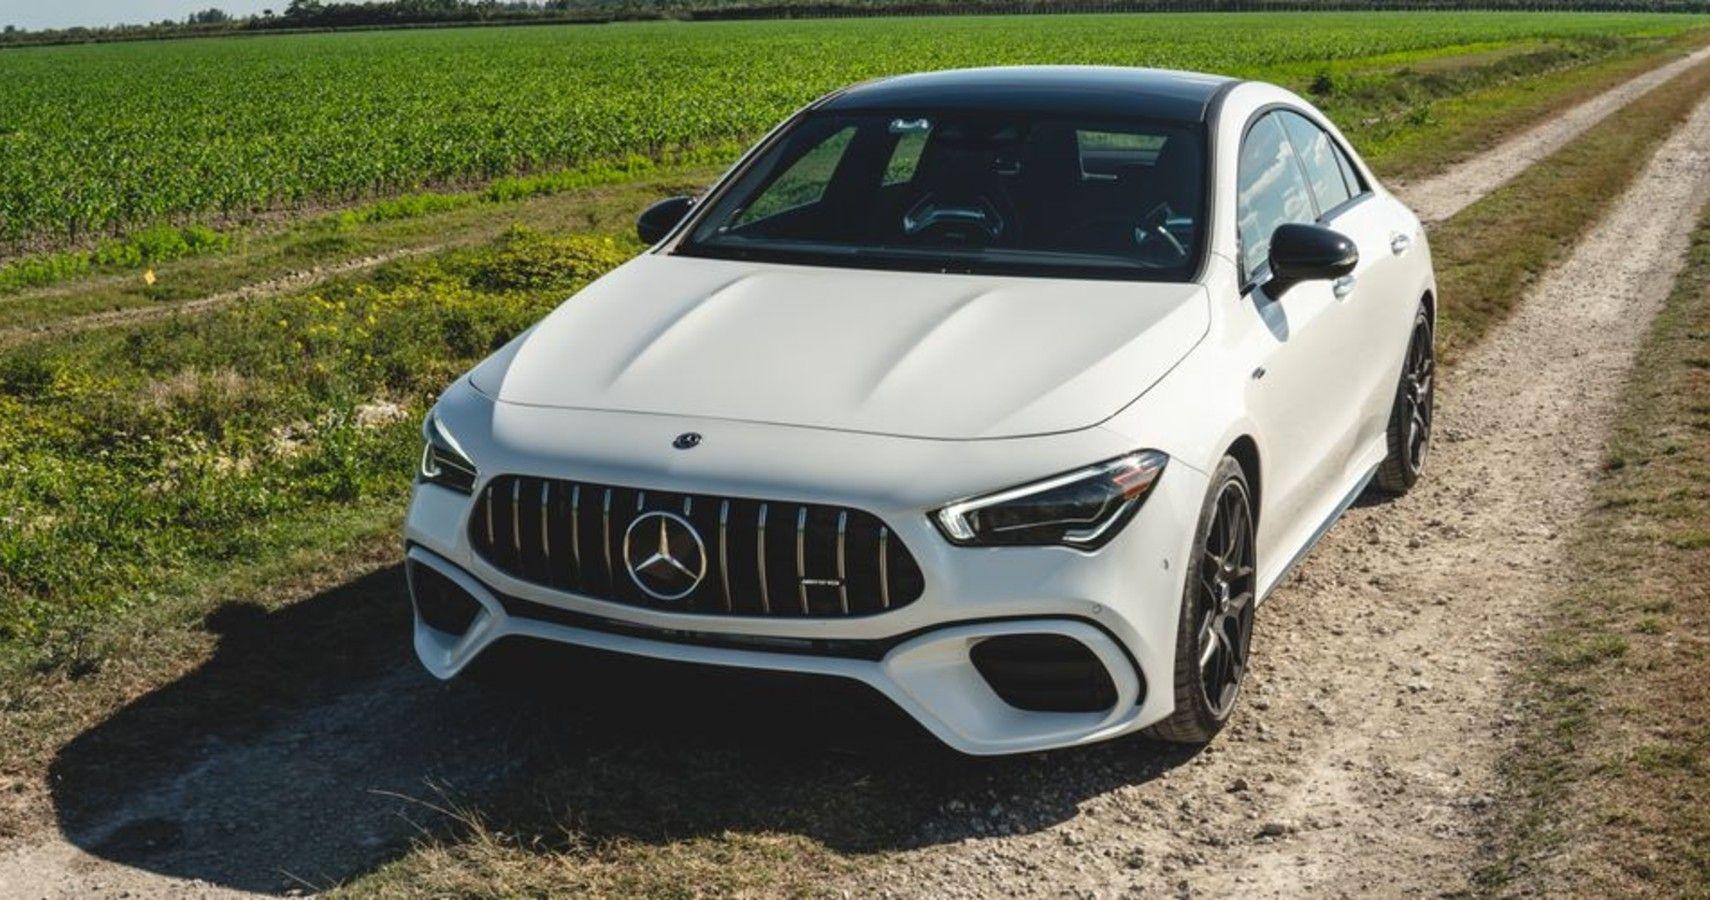 2020 Mercedes-AMG CLA 45 4Matic+ Review: A True AMG Pocket Rocket